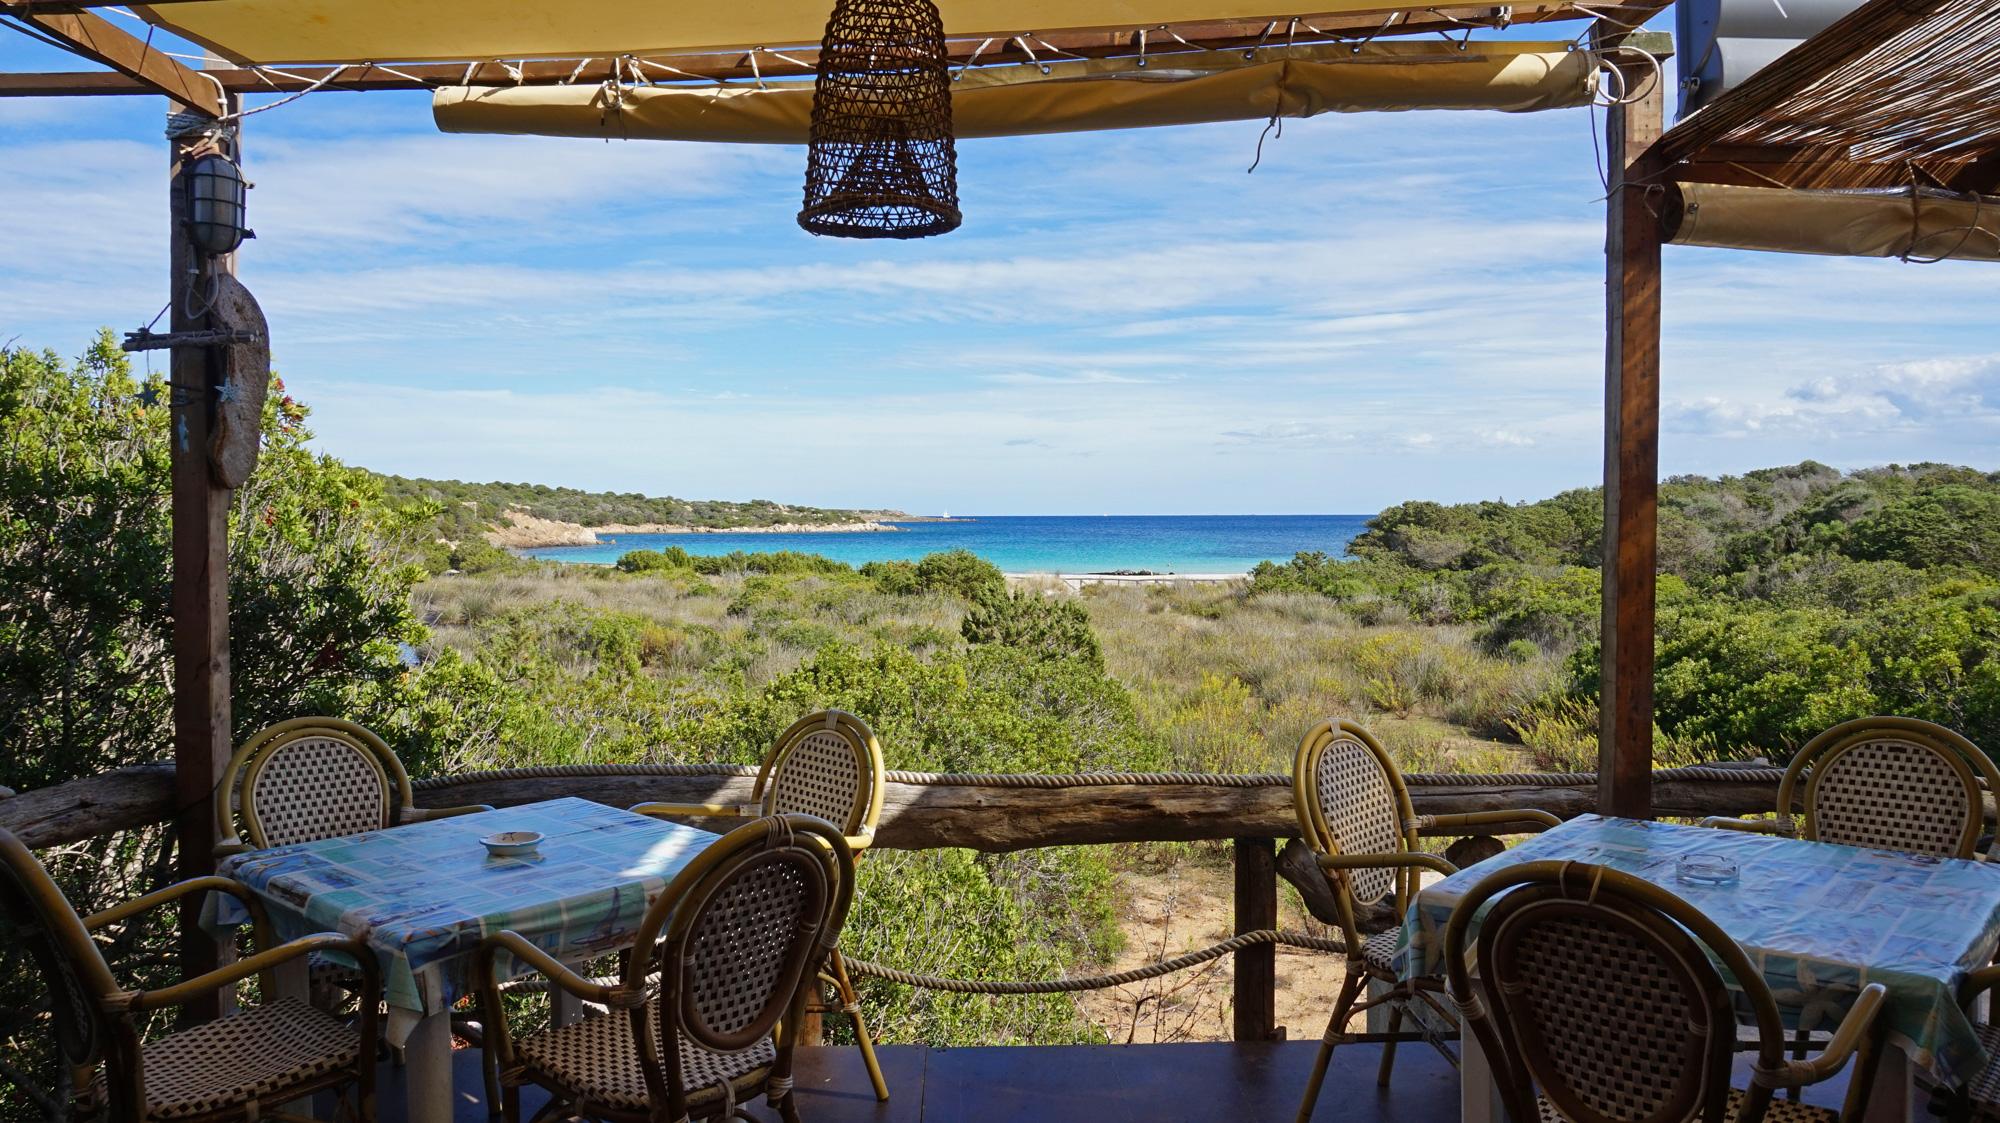 Mittagessen mit Meerblick: Ristobar Poldo Beach